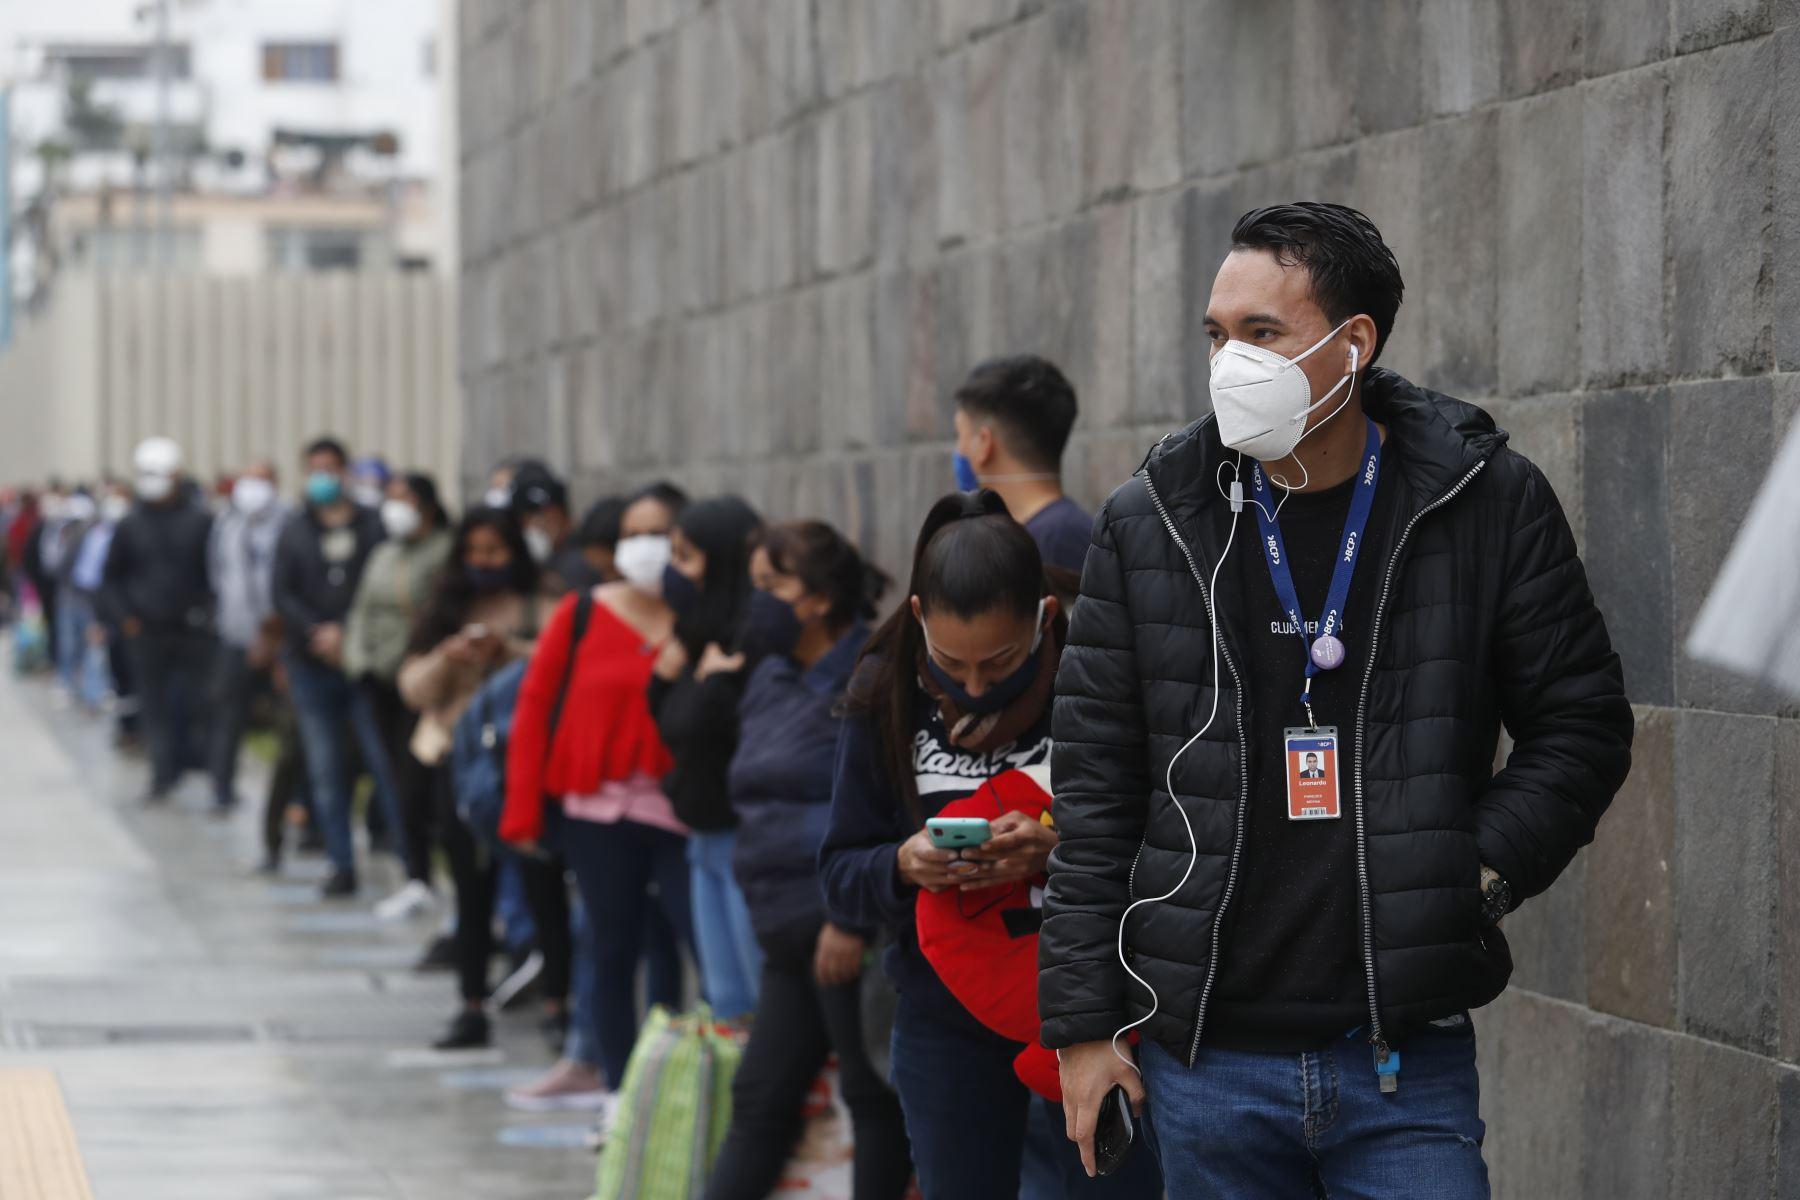 Suman 138 las provincias del Perú donde ya no regirá la cuarentena focalizada desde mañana domingo 20 de setiembre, debido a que se logró controlar el impacto de la pandemia del covid-19. Foto: ANDINA/Renato Pajuelo.